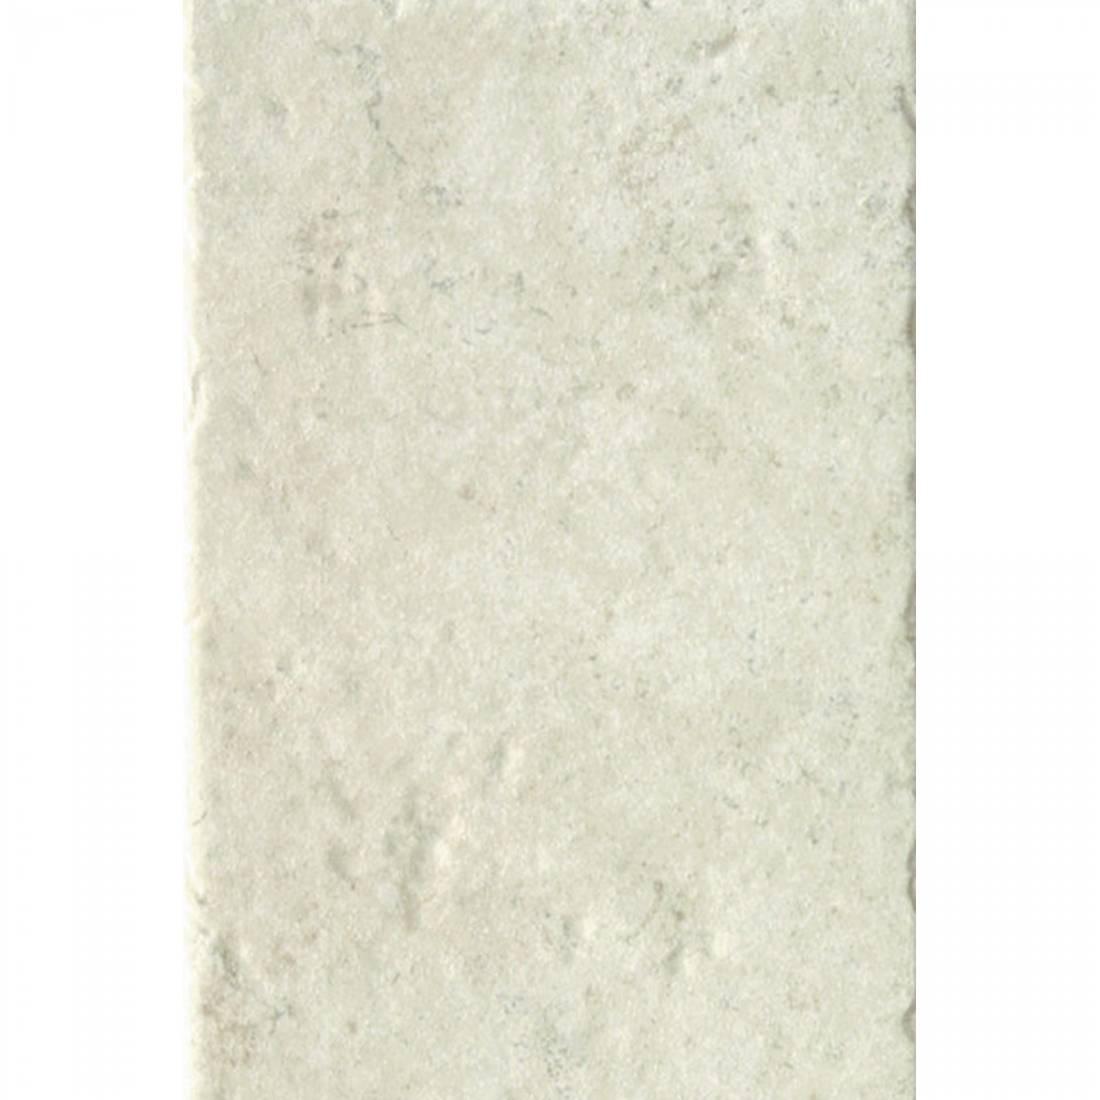 Positano 34x51 White 1